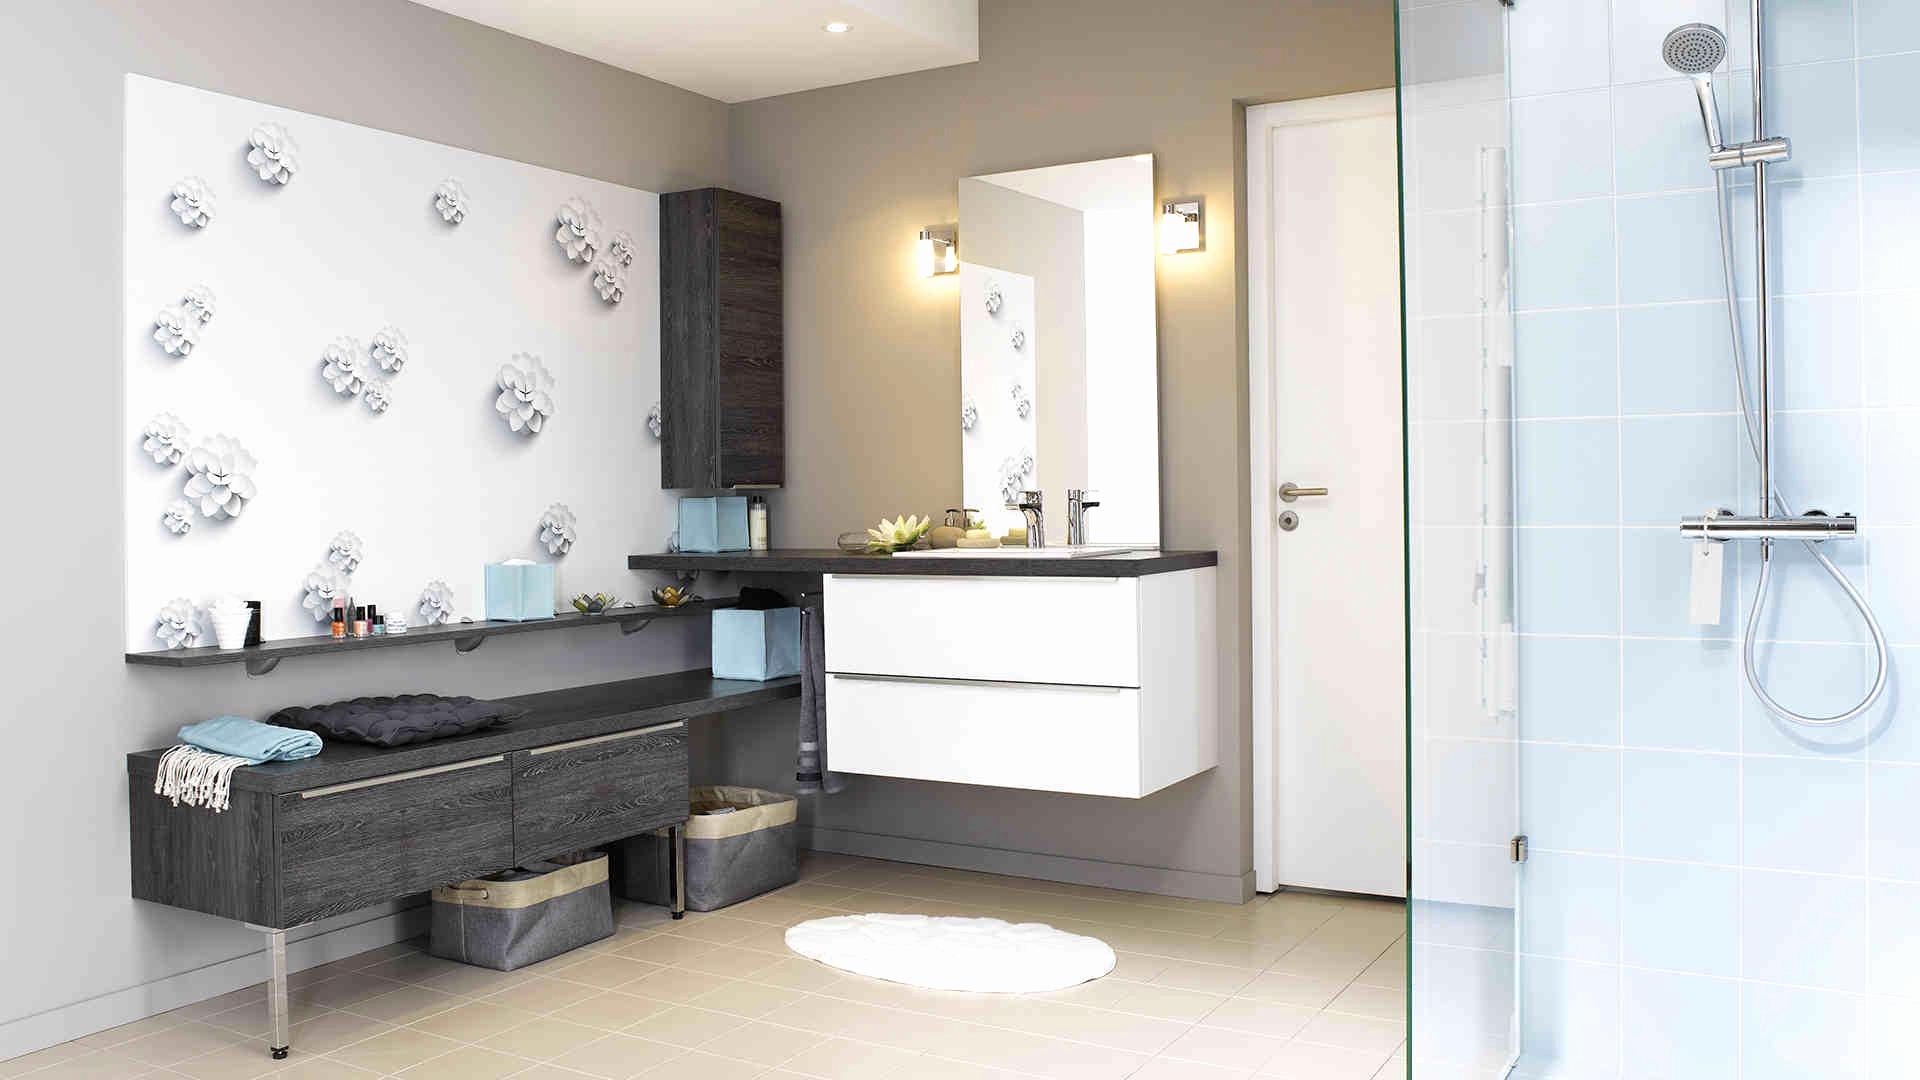 Meuble Salle De Bain Godmorgon Luxe Photos Ikea Meuble sous Vasque Beau Search Results Meuble Salle De Bain